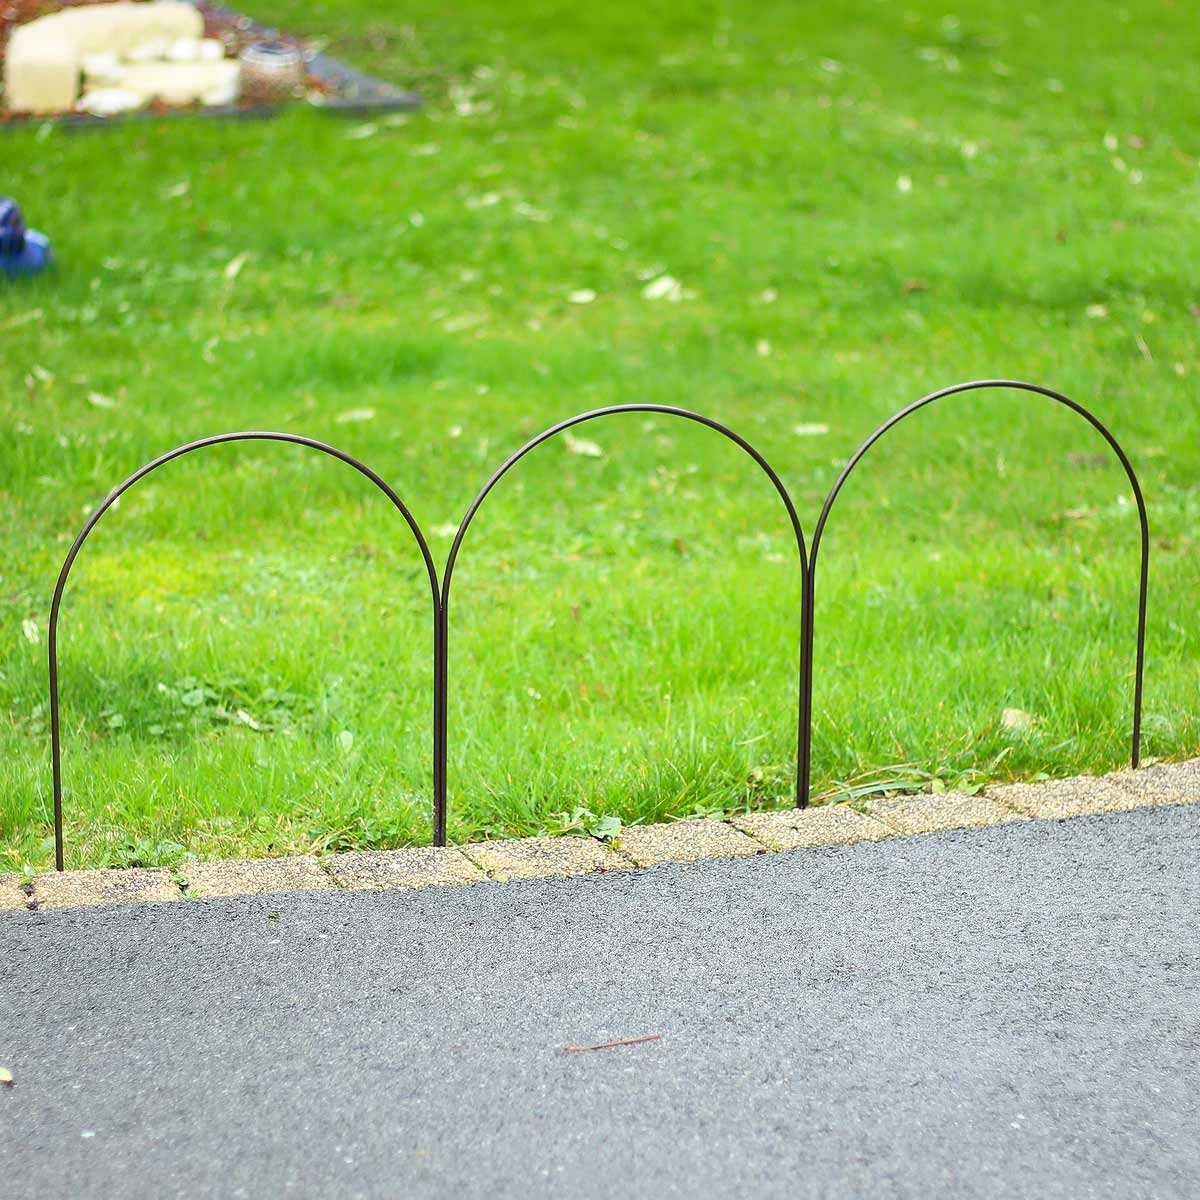 Bordure Triple Arceaux En Acier Plein L.100Cm X H.40Cm à Arceau Jardin